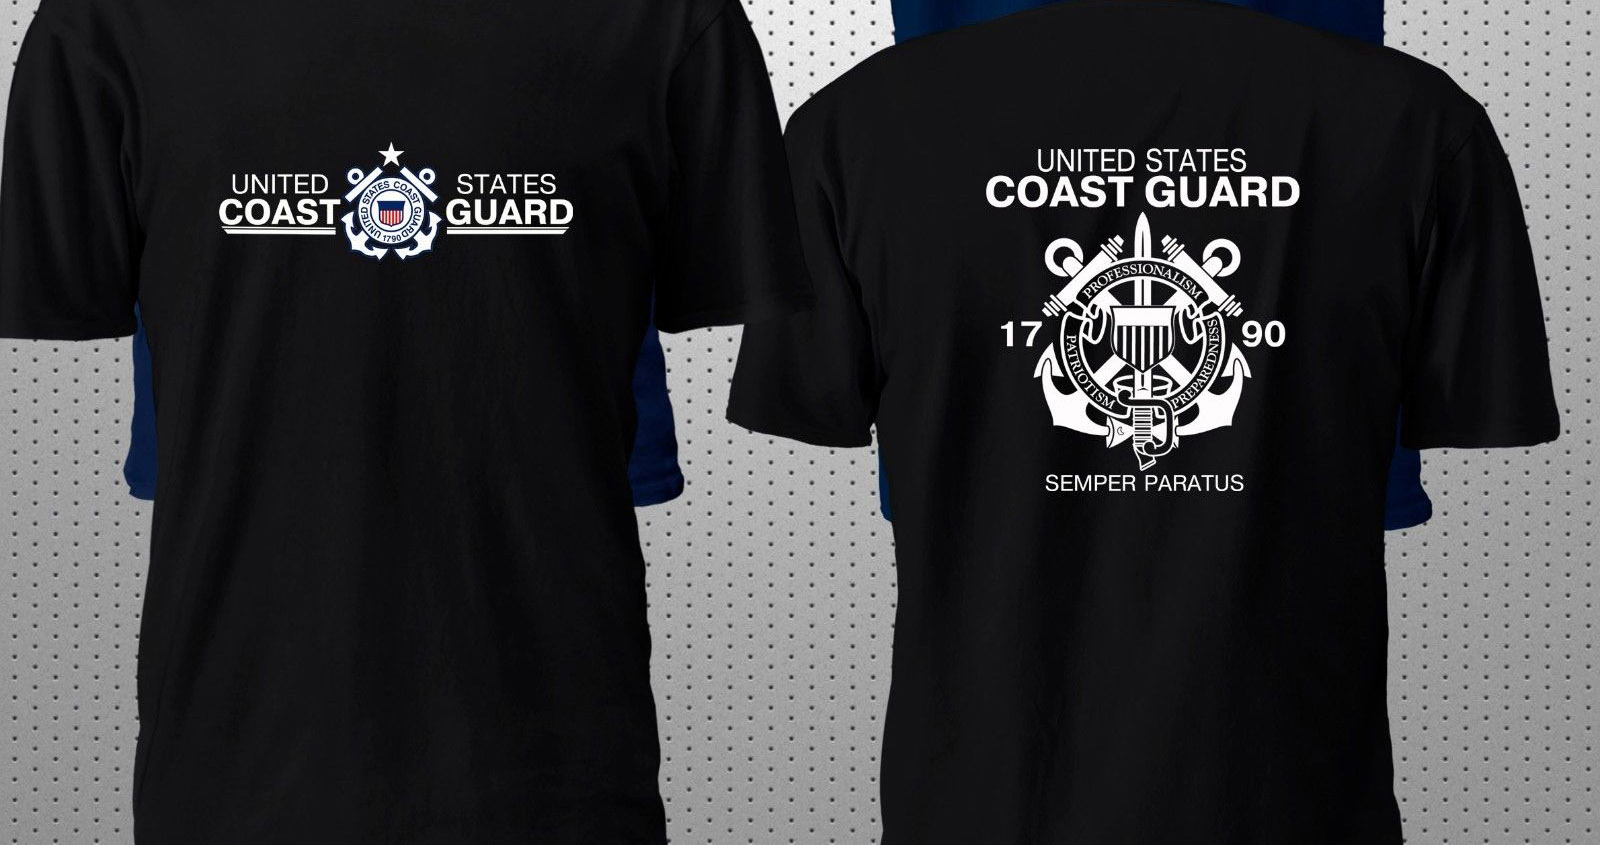 Men/'s t-shirt US Coast Guard t-shirt for men navy blue USCG design tee shirt